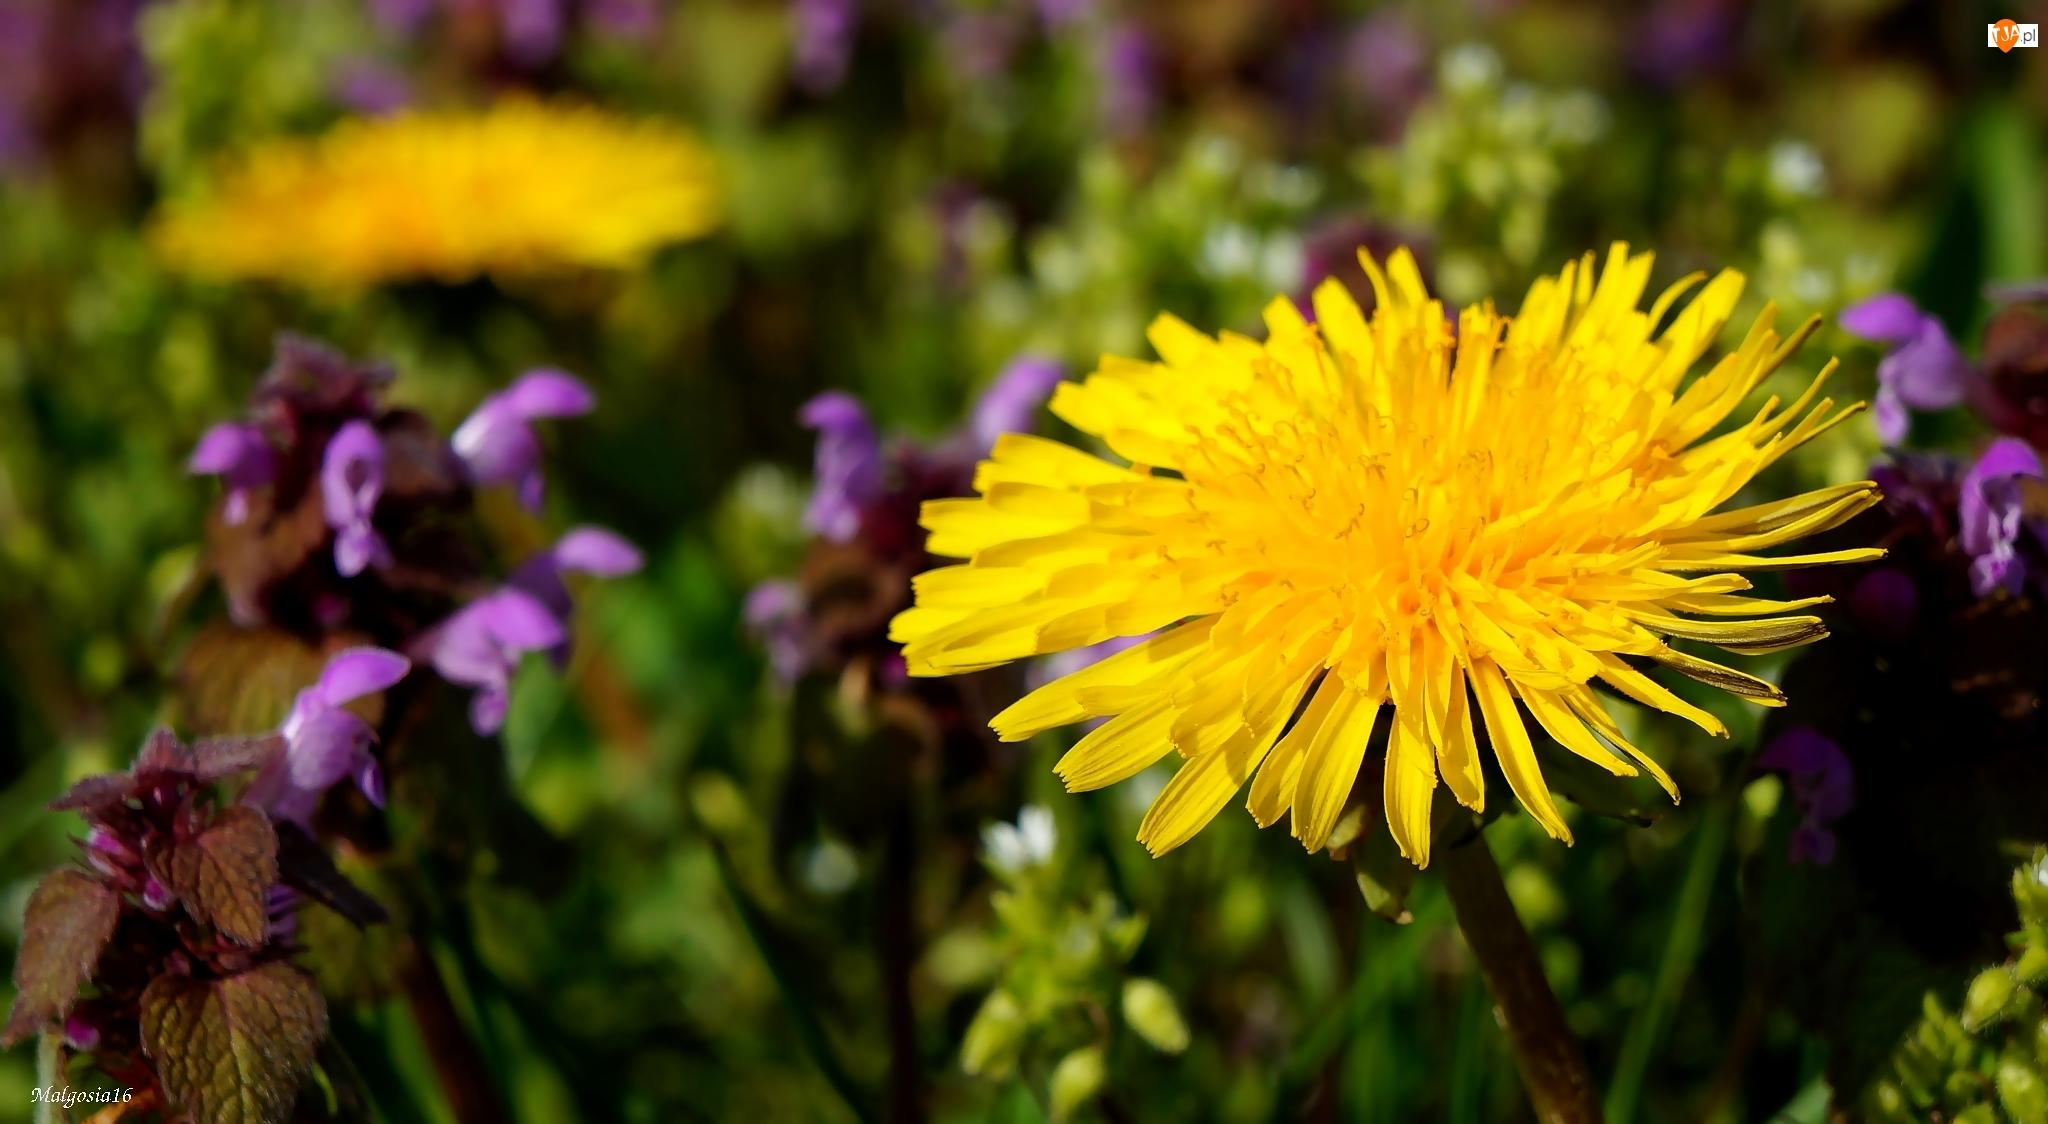 Łąka, Żółty, Mniszek Pospolity, Kwiat, Mlecz